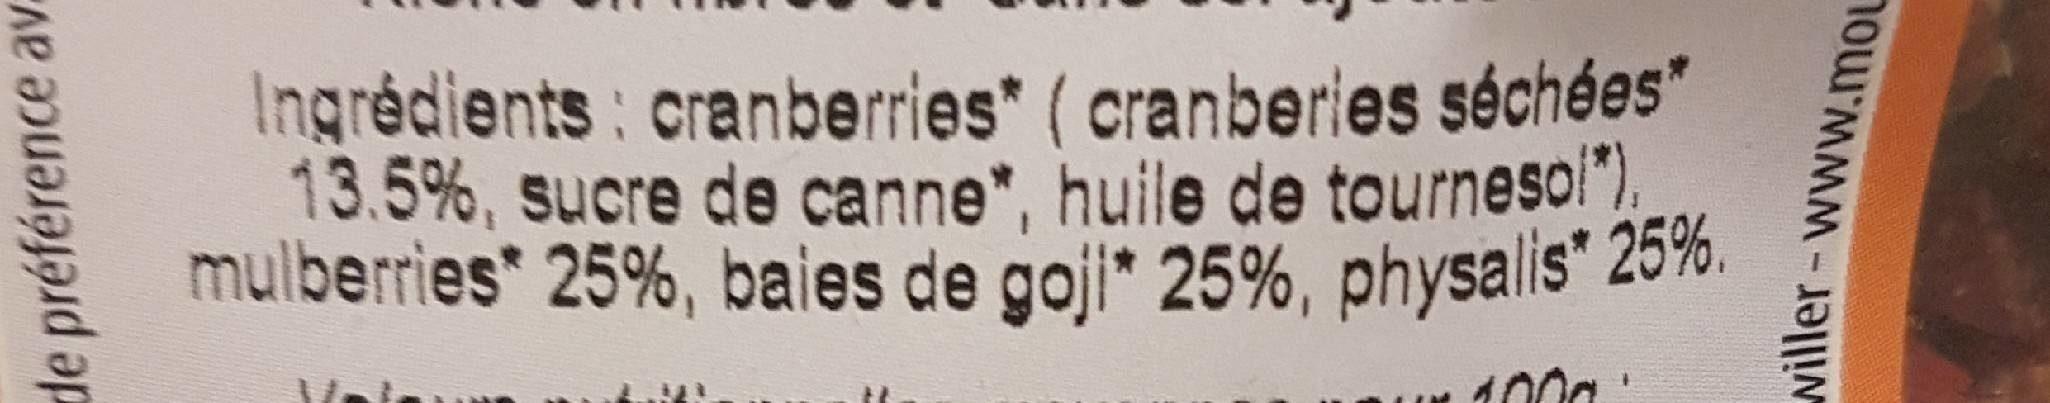 Mélange de fruits - Ingrédients - fr